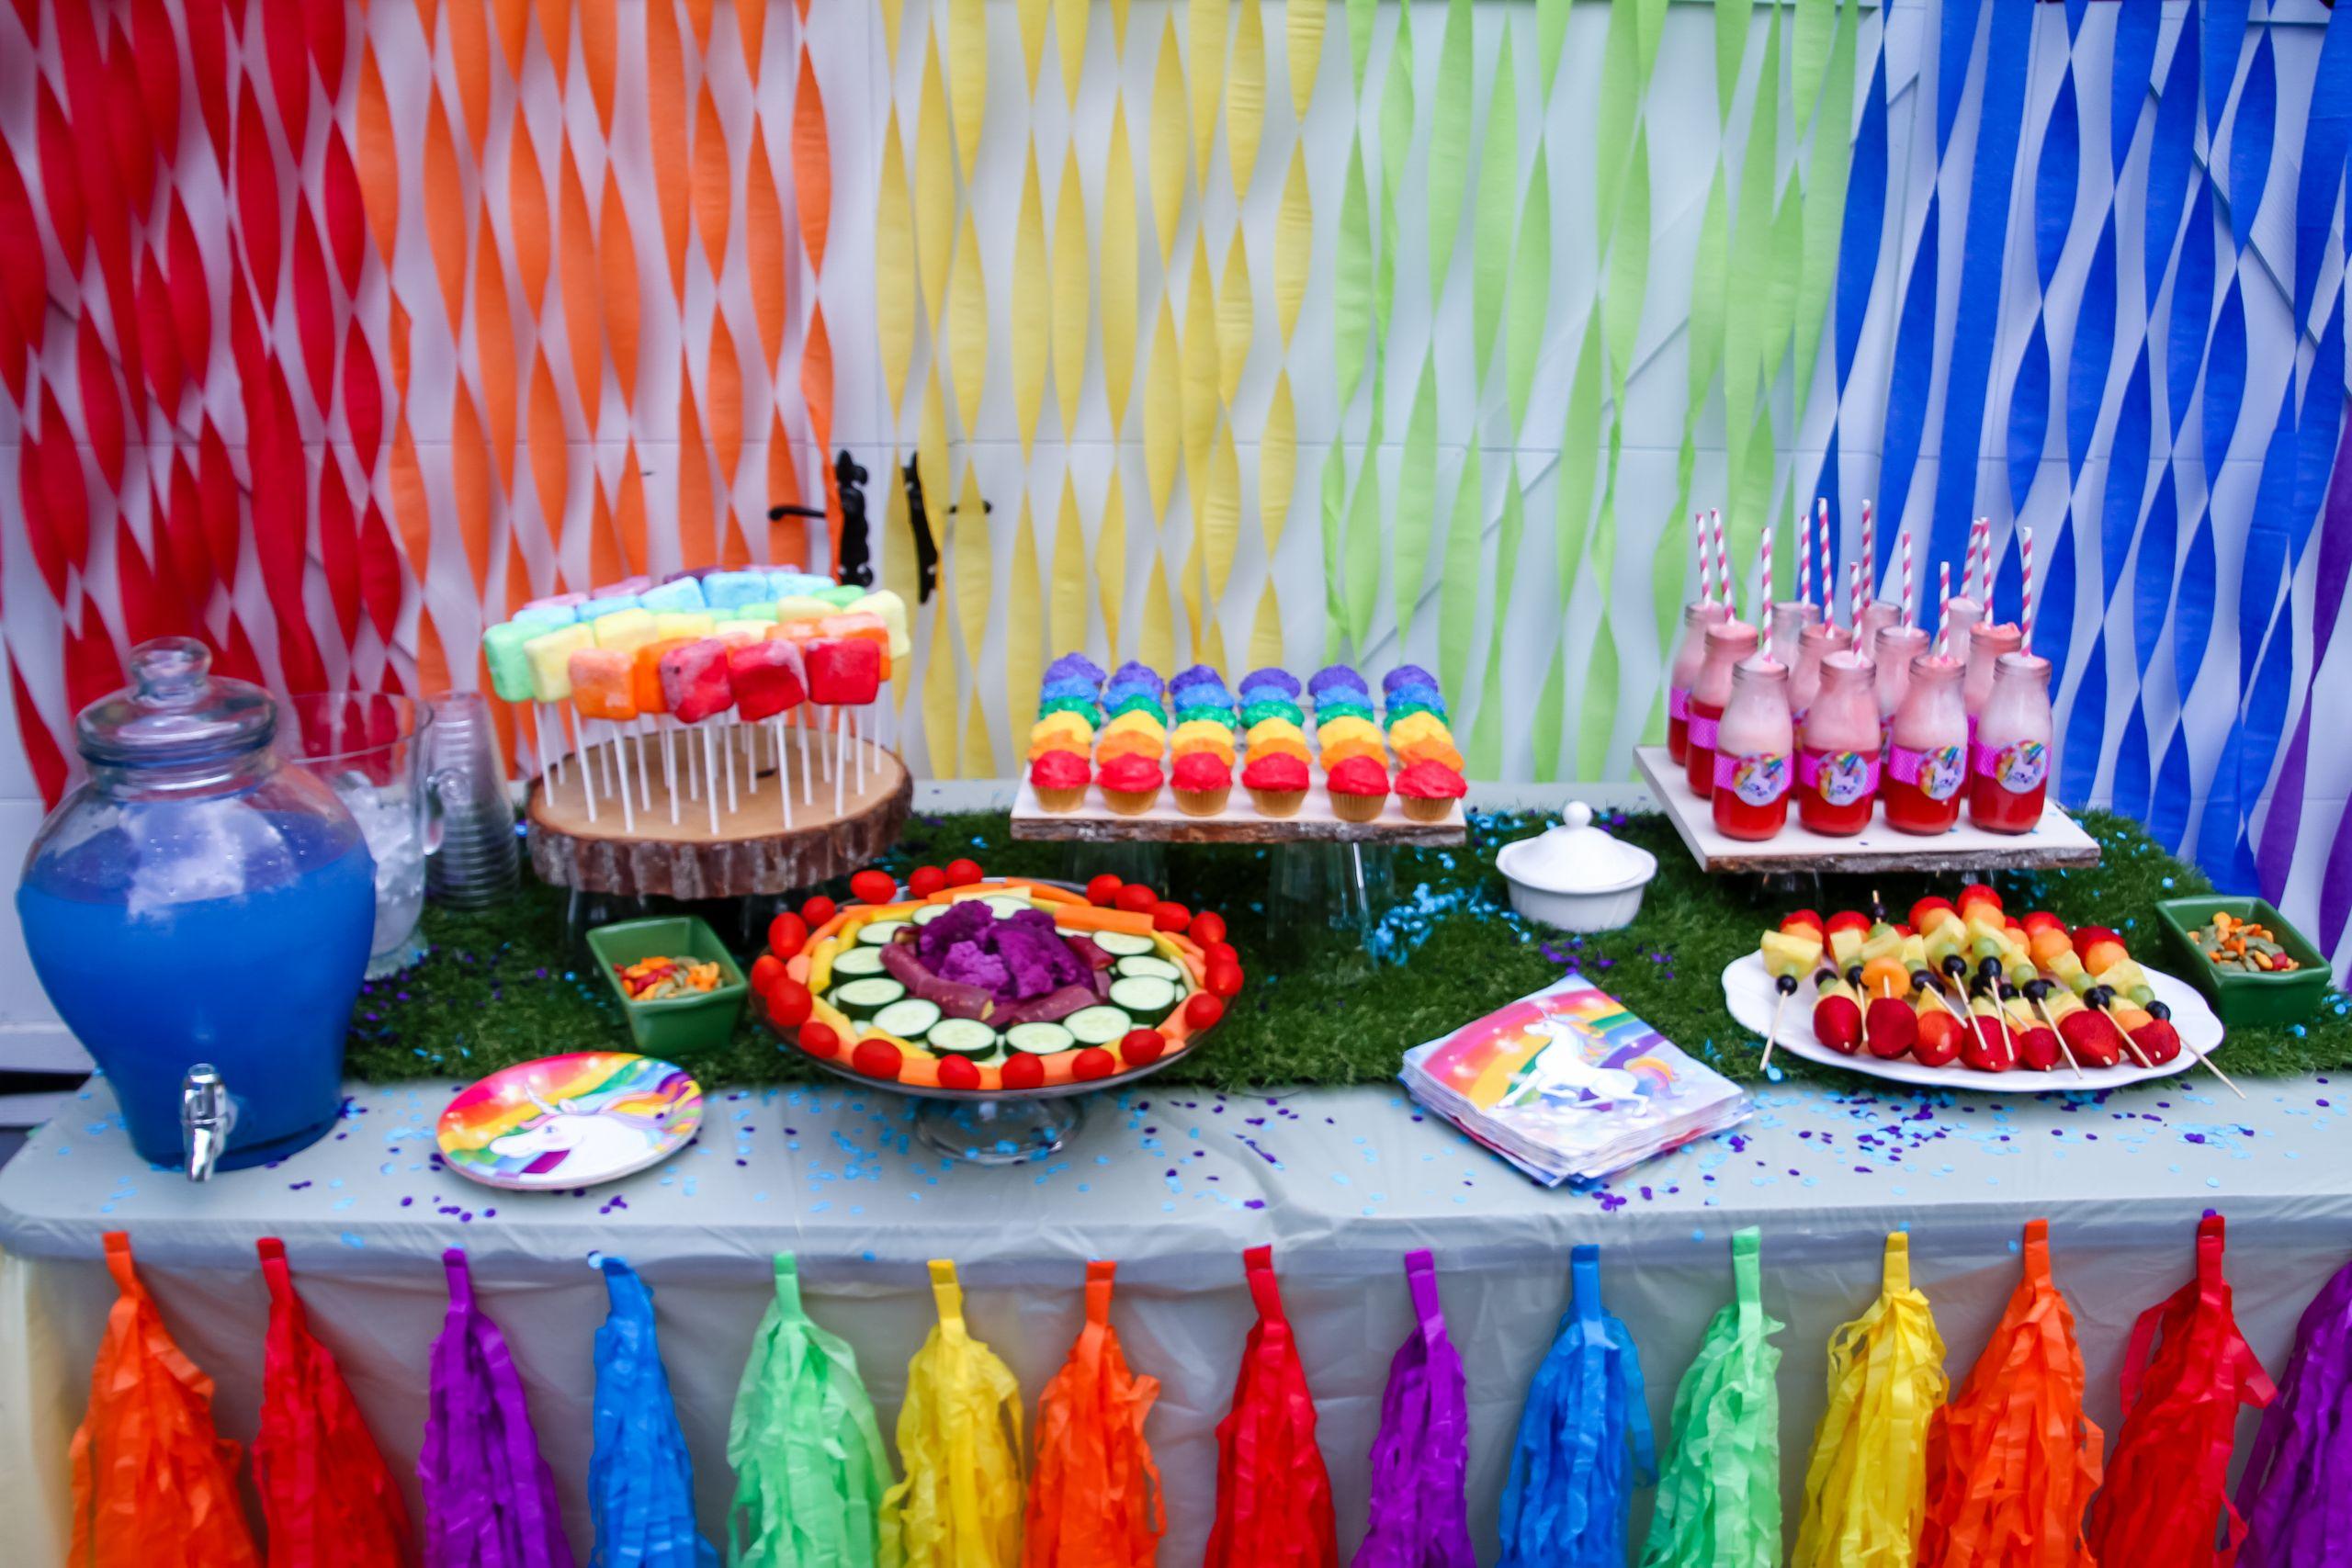 Unicorn And Rainbow Party Ideas  Throw the ultimate unicorn rainbow unicorn party for a